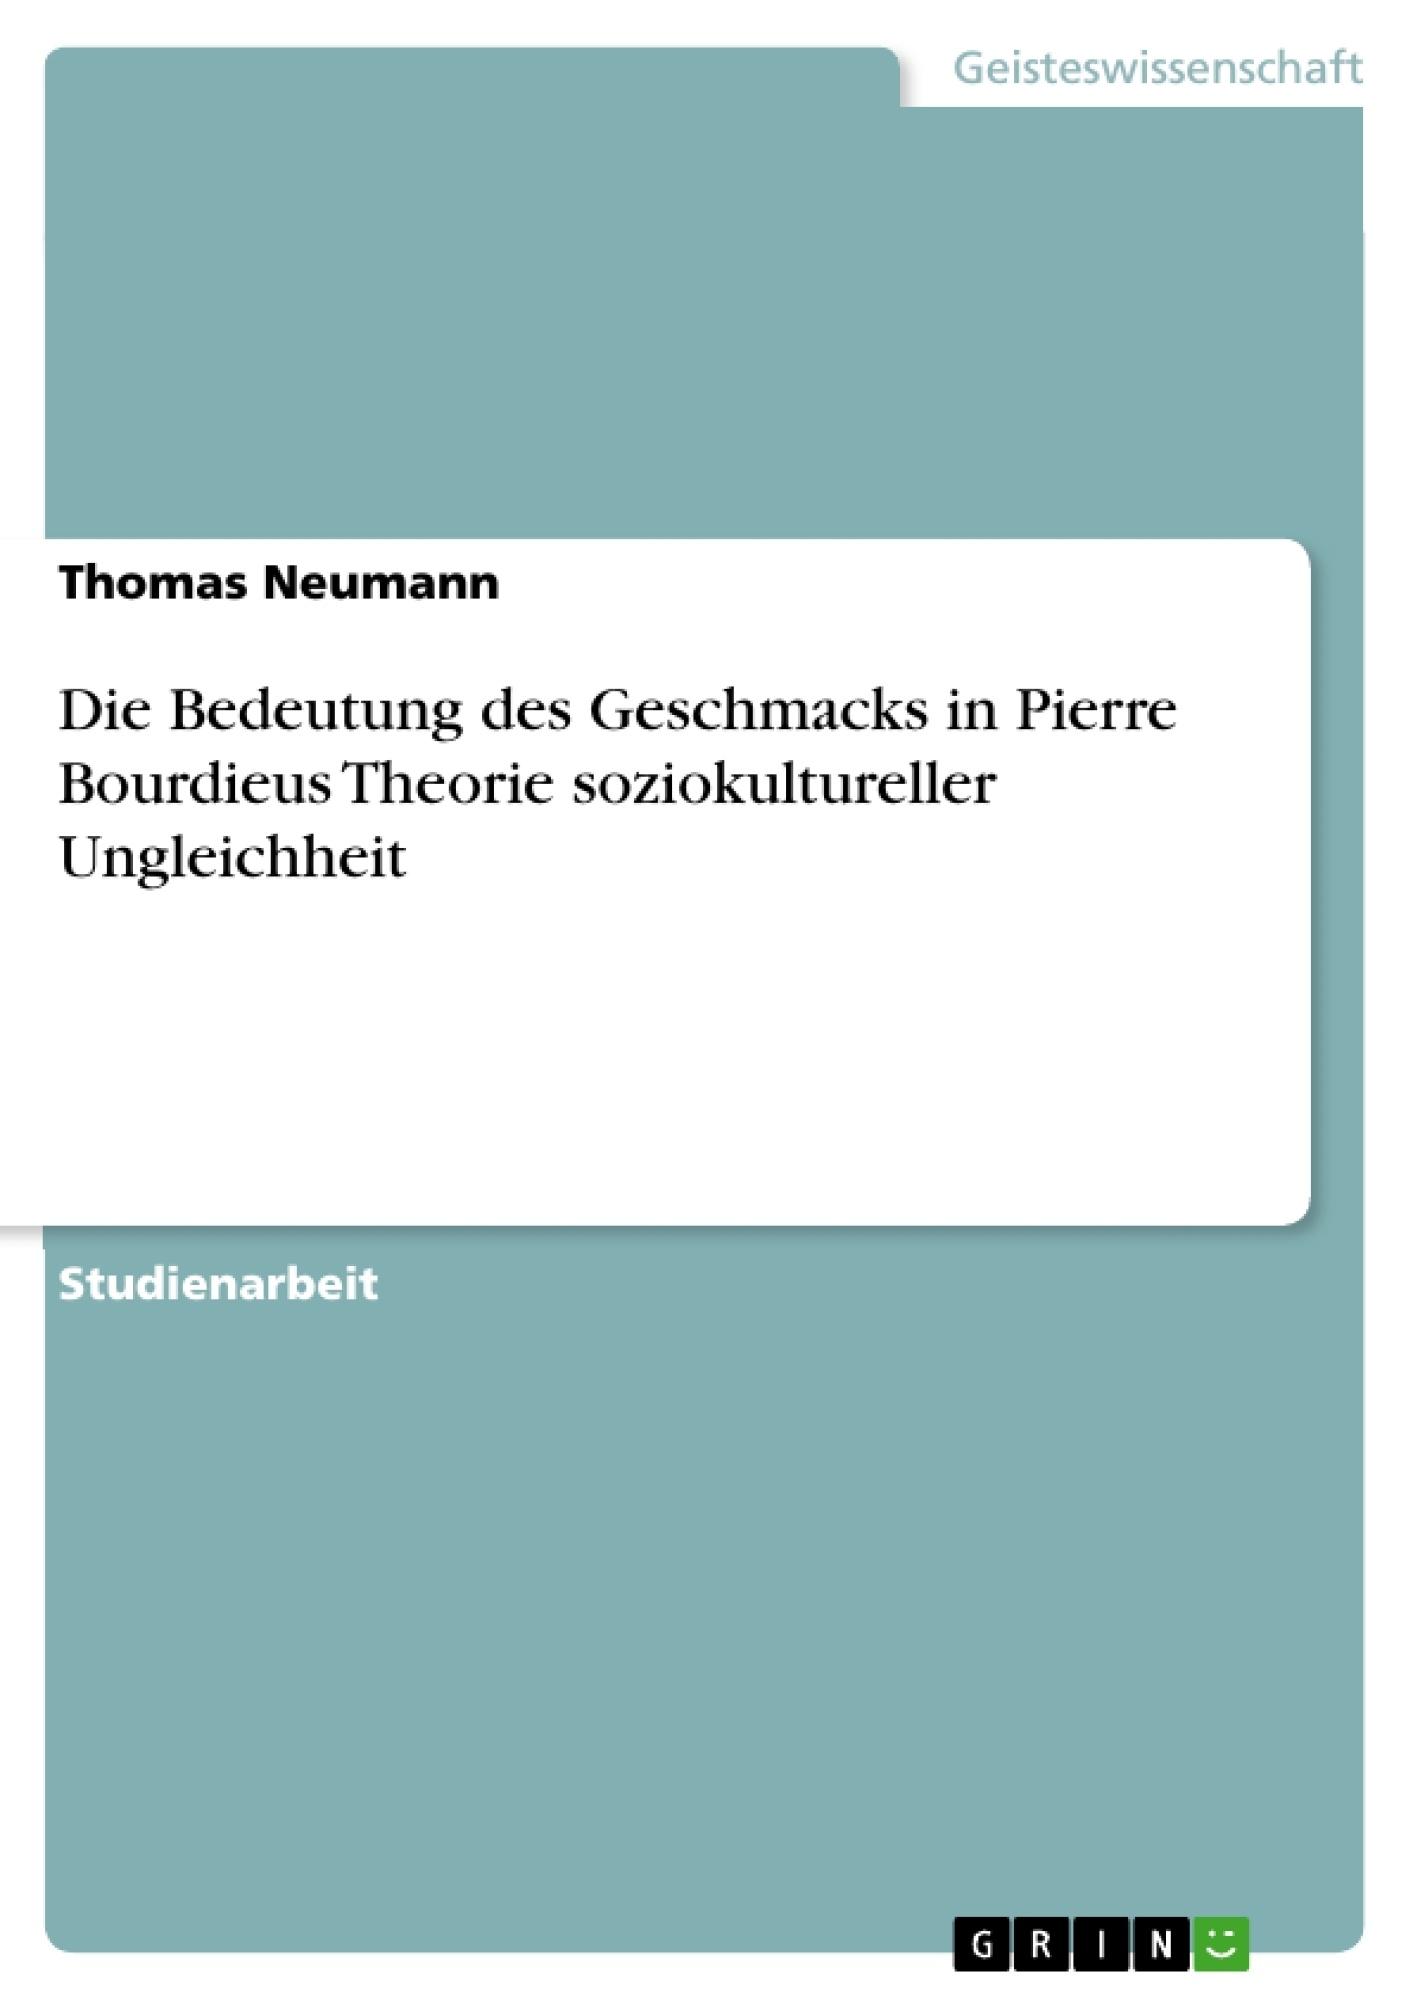 Titel: Die Bedeutung des Geschmacks in Pierre Bourdieus Theorie soziokultureller Ungleichheit